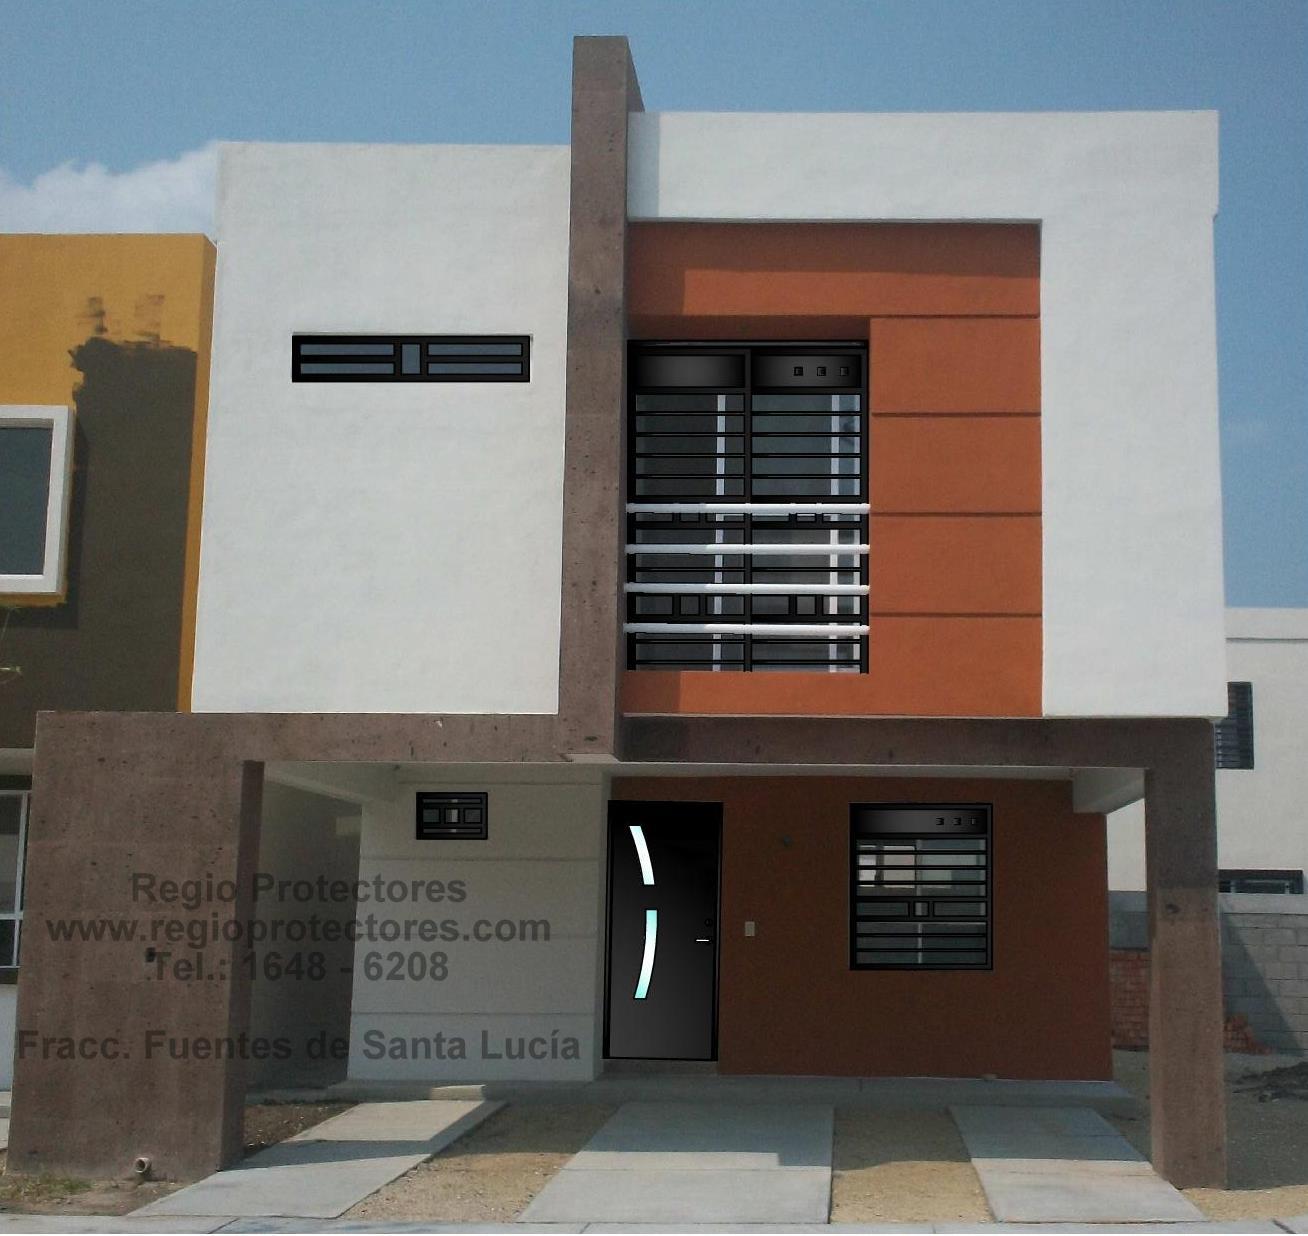 Protectores para ventanas y Puertas, Fracc. Fuentes de Santa Lucía